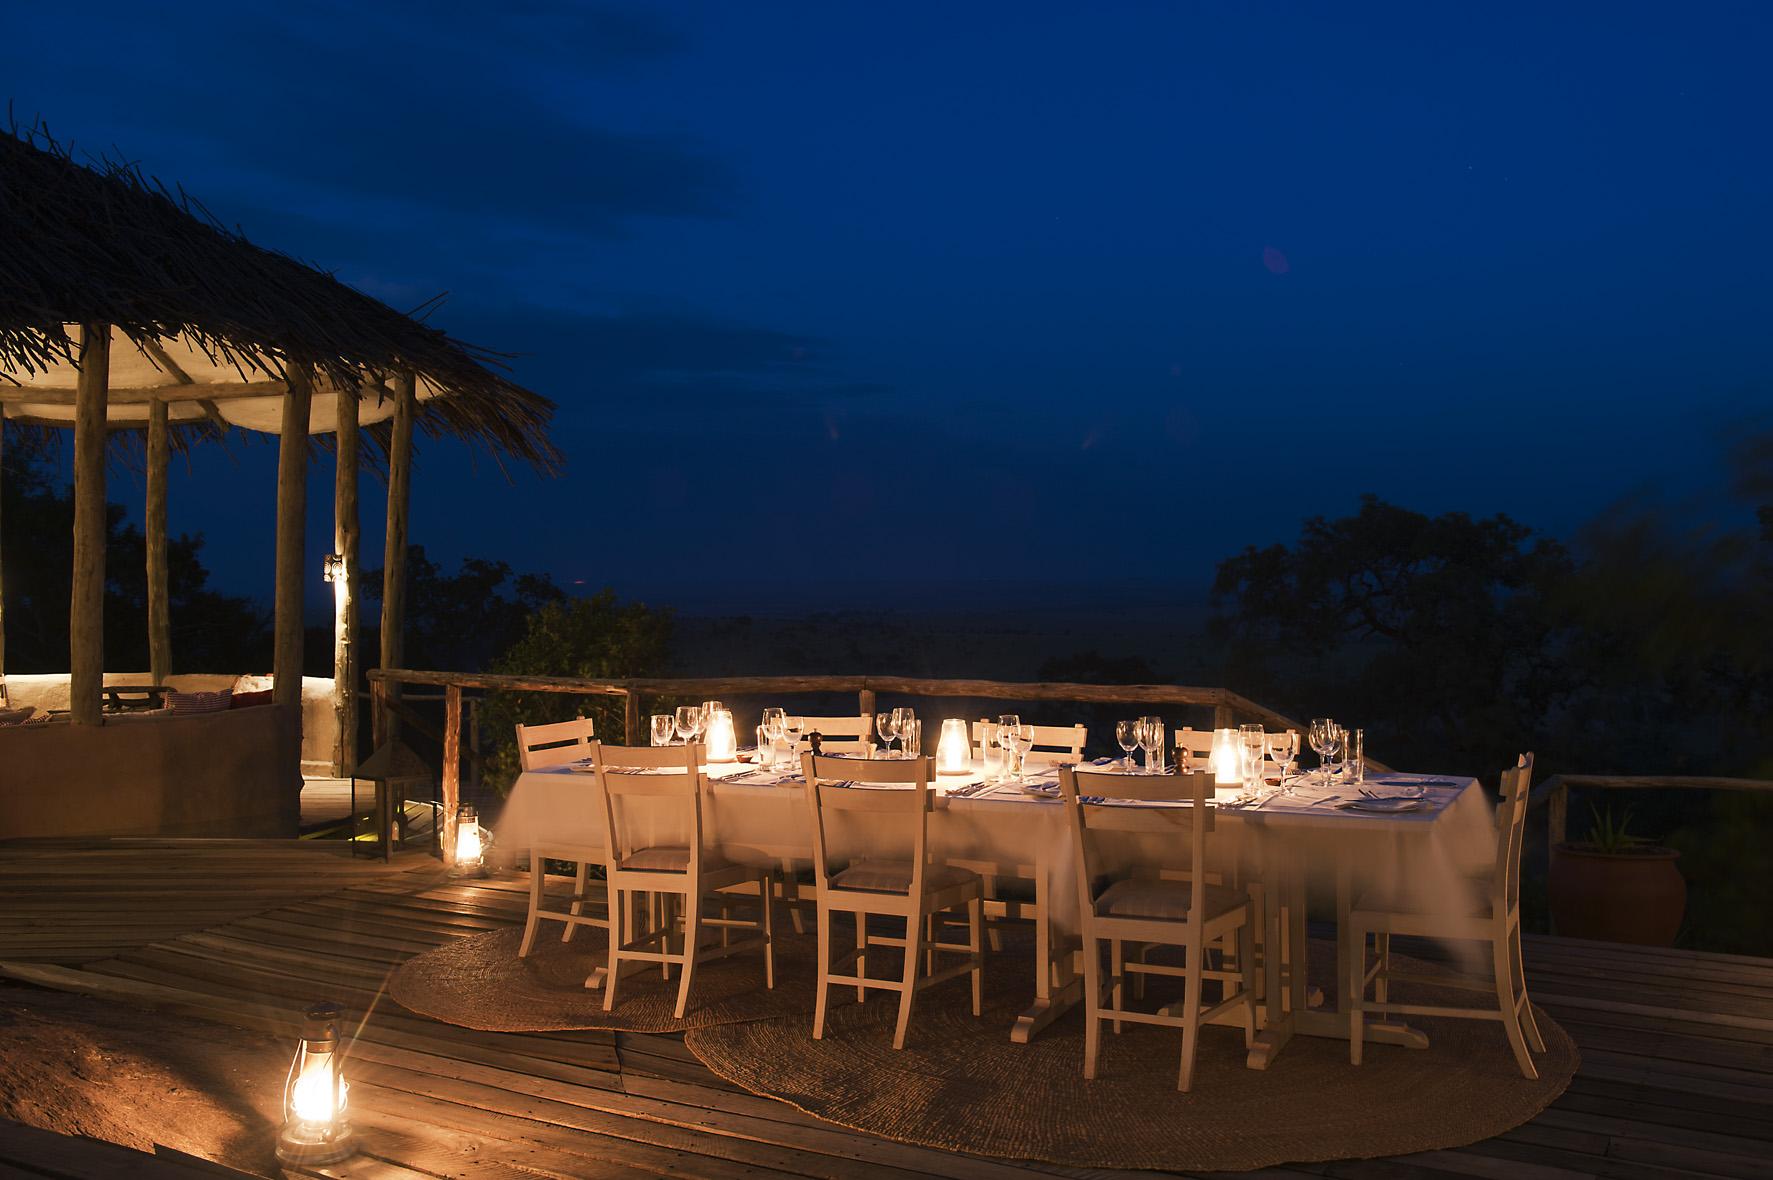 Lamai Serengeti Tanzania Night Dinner